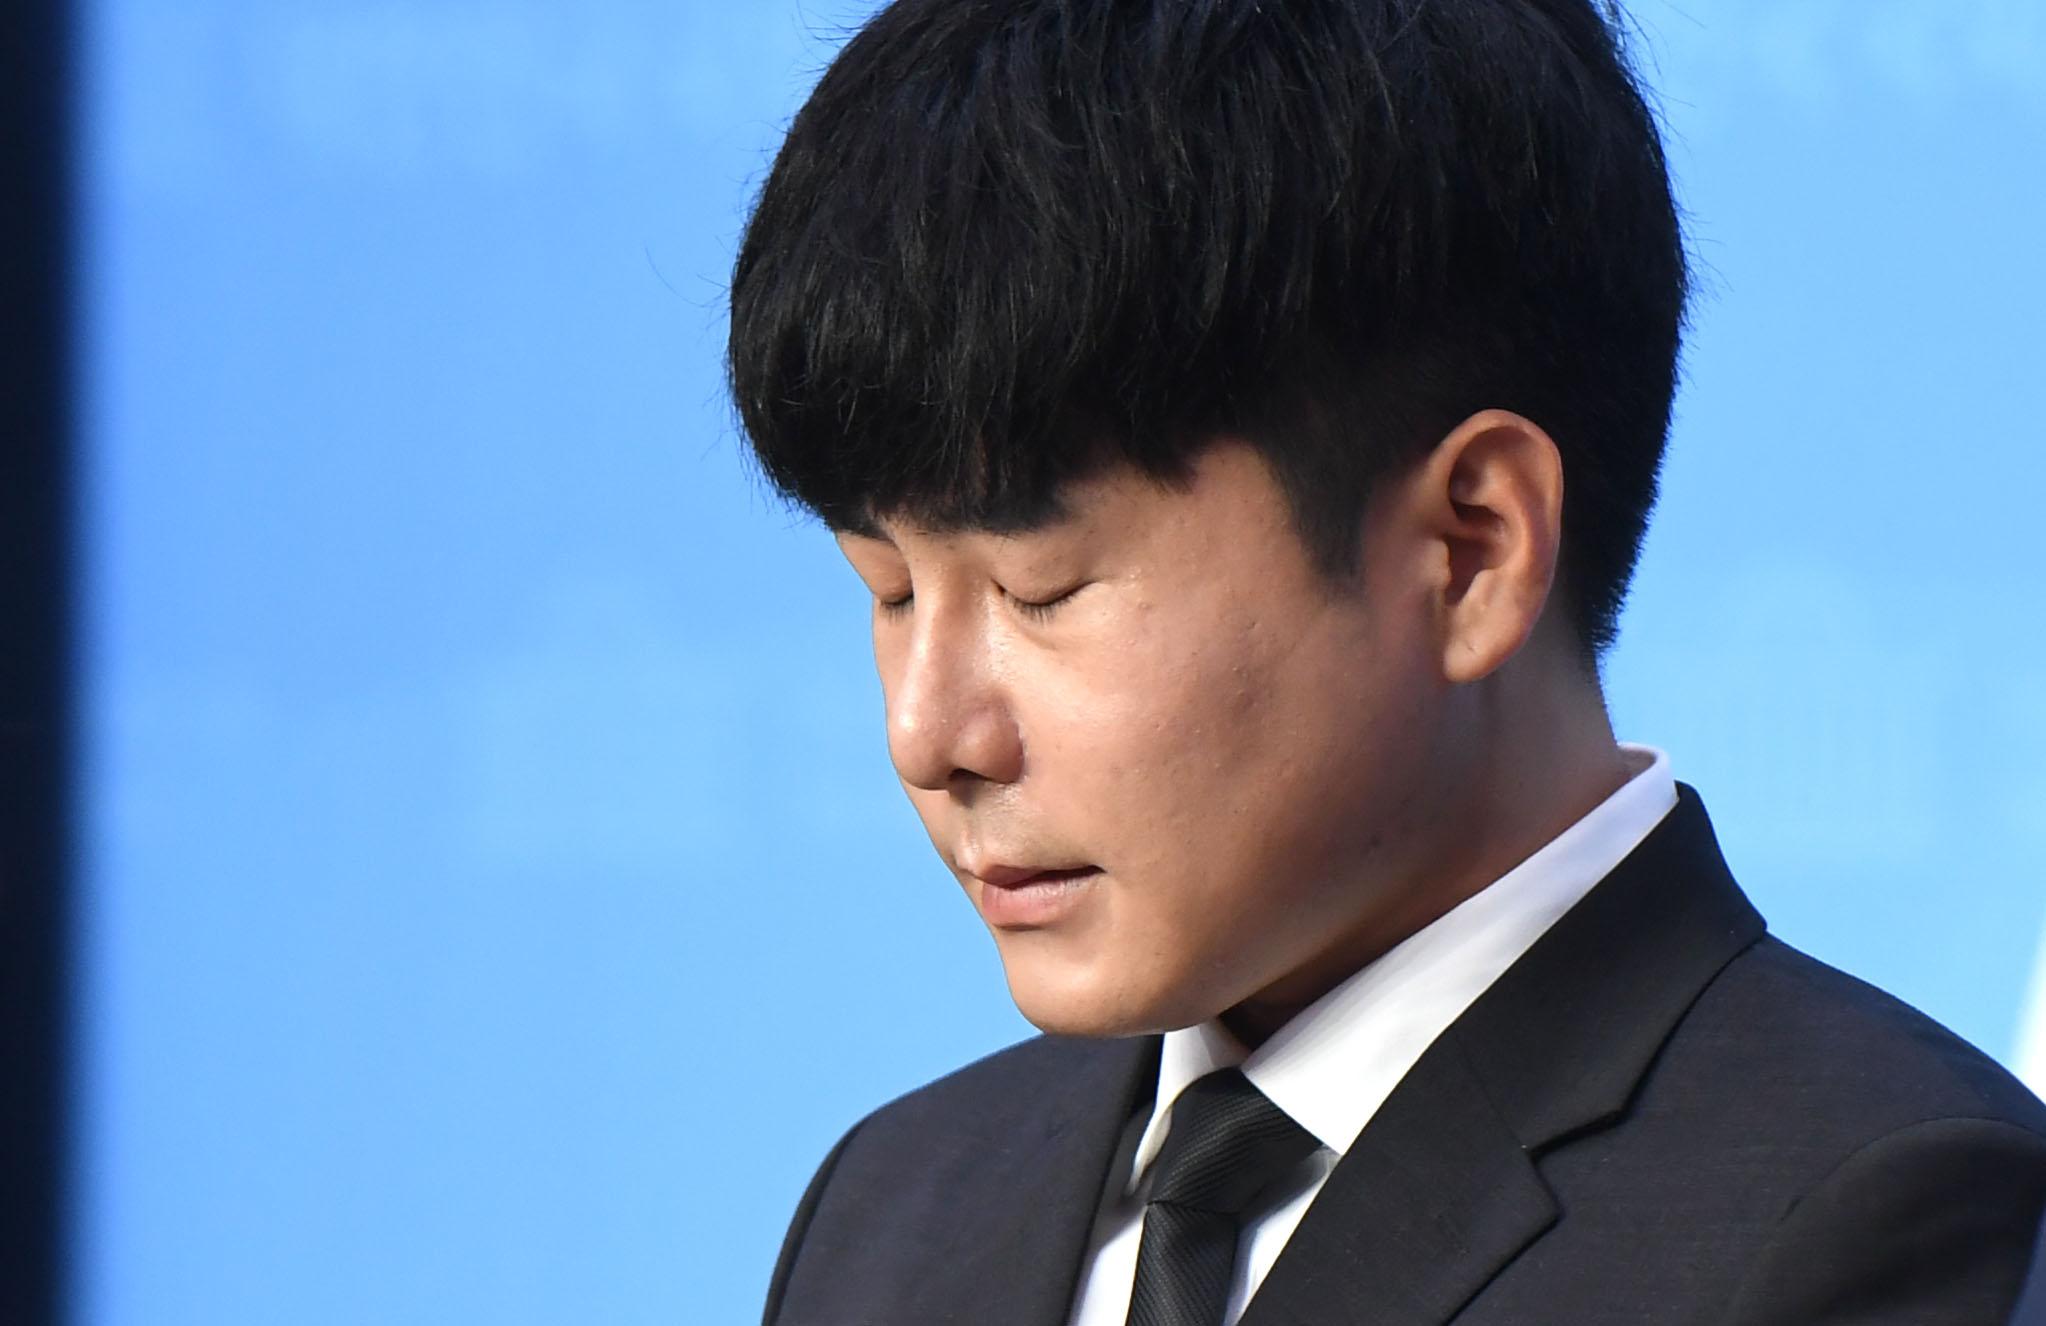 '구하라법' 통과 촉구하는 친오빠 구인호 씨